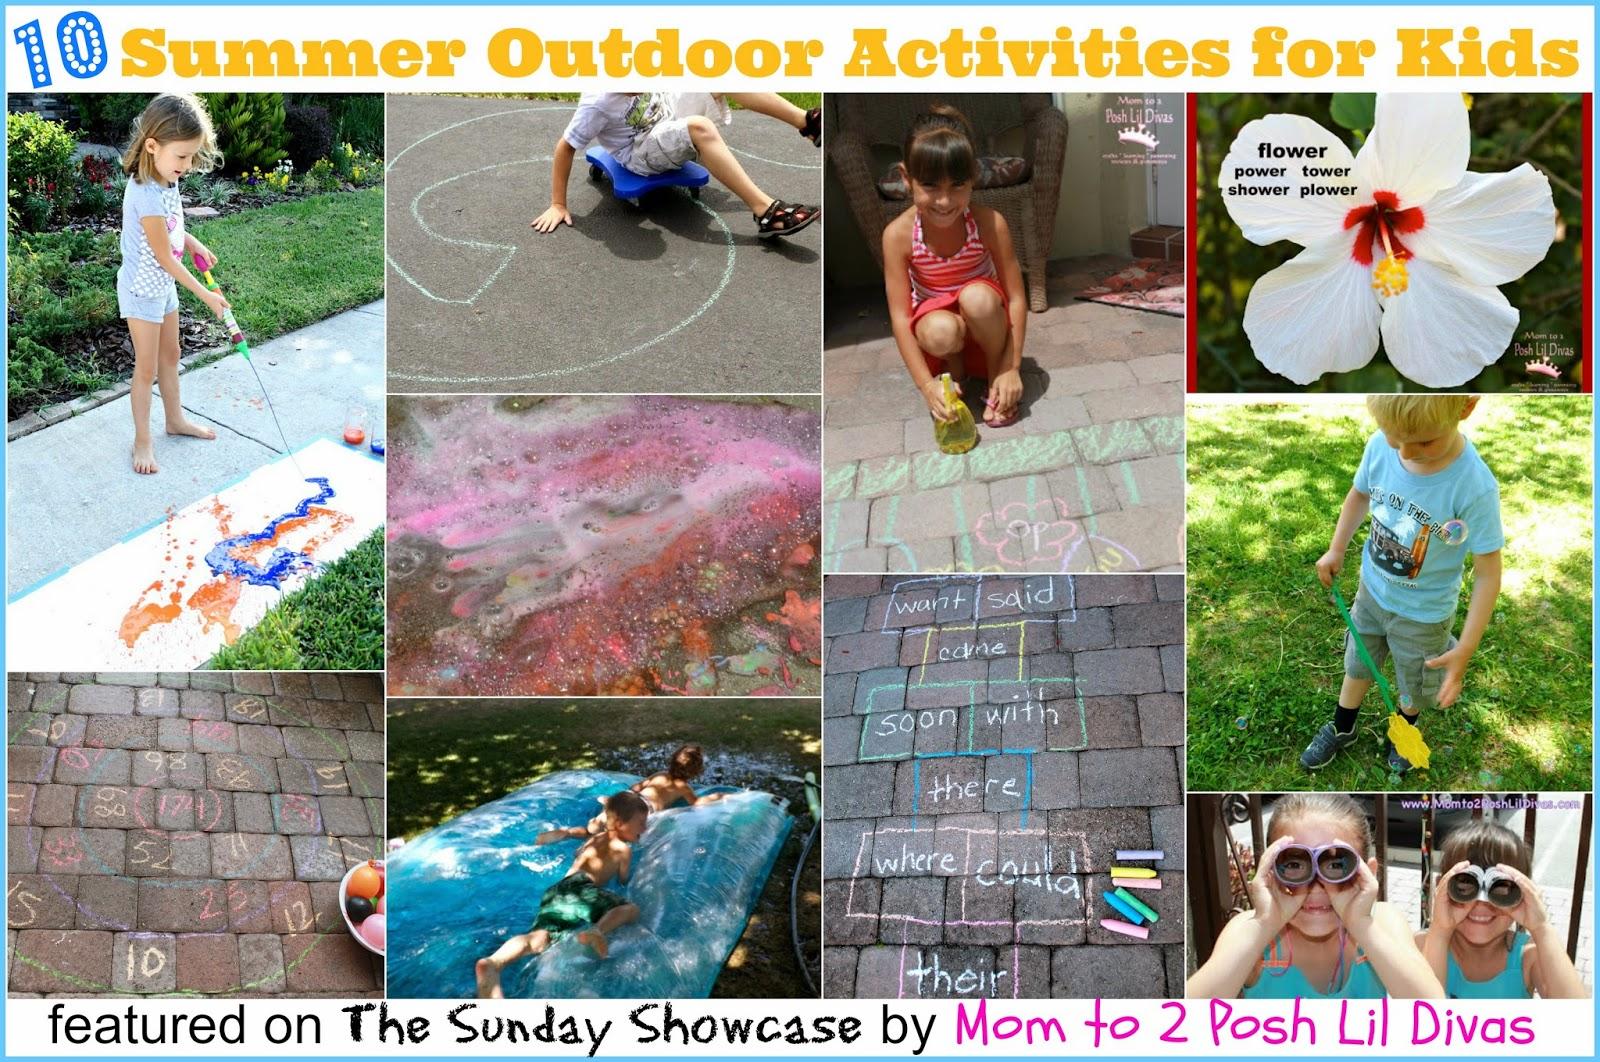 Mom To 2 Posh Lil Divas 10 Outdoor Summer Activities For Kids